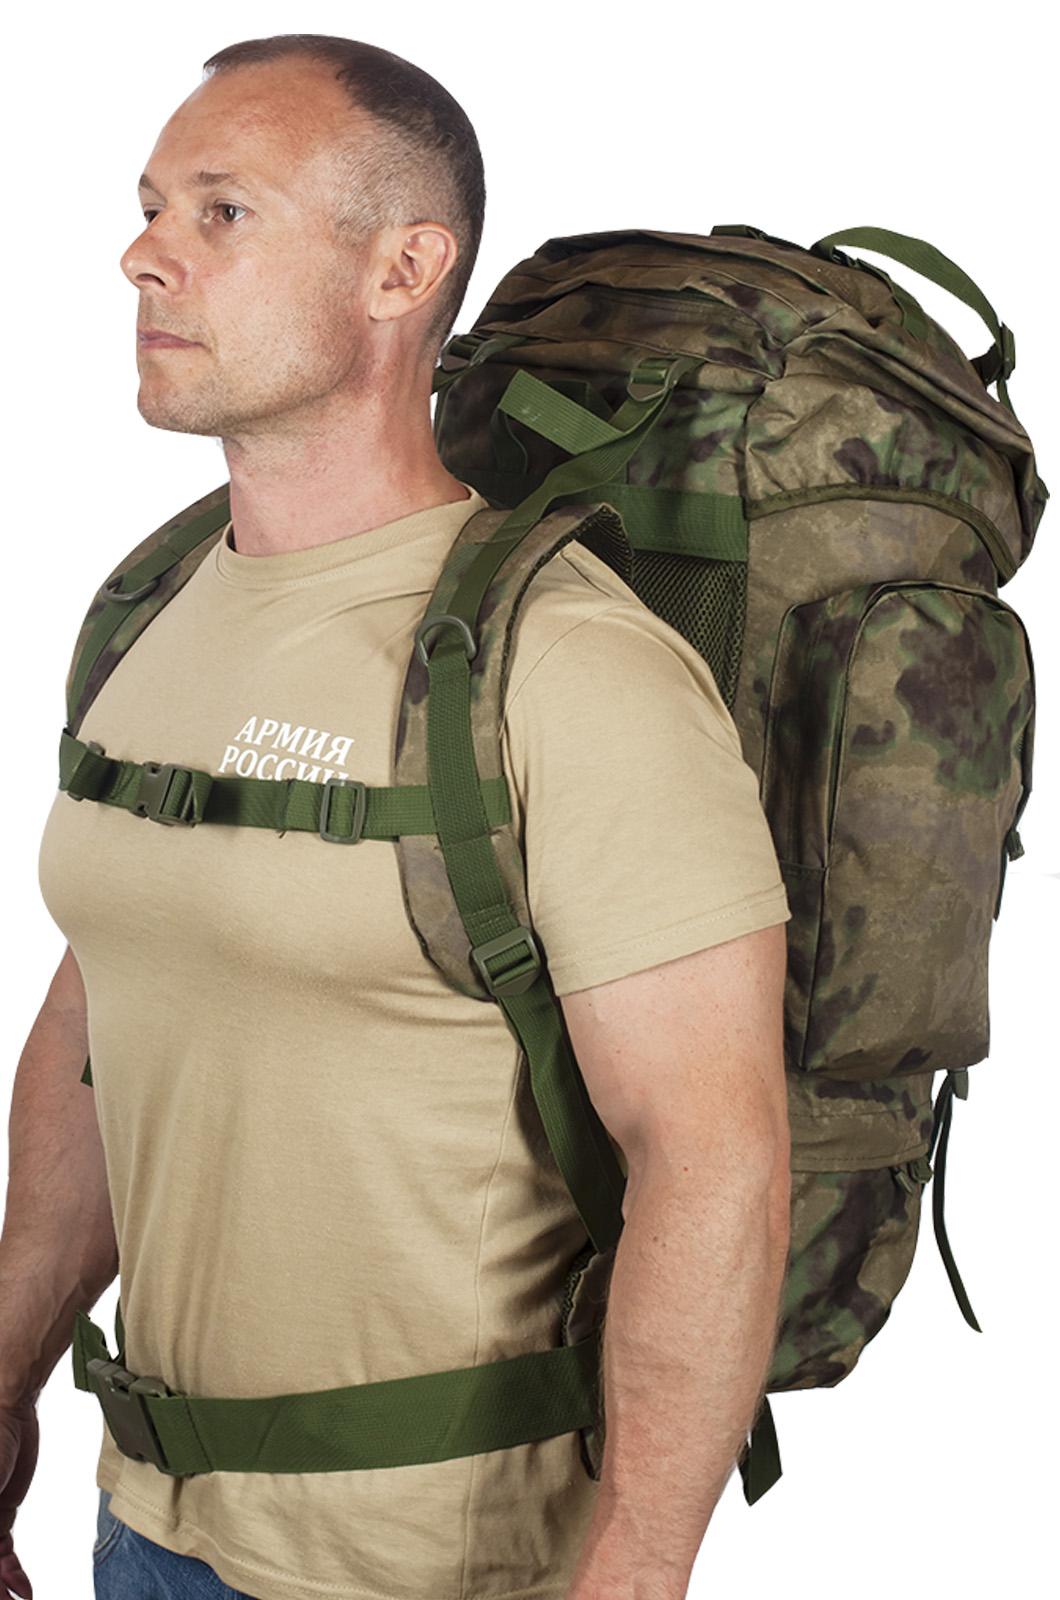 Армейский камуфляжный ранец-рюкзак СПЕЦНАЗ - купить в розницу